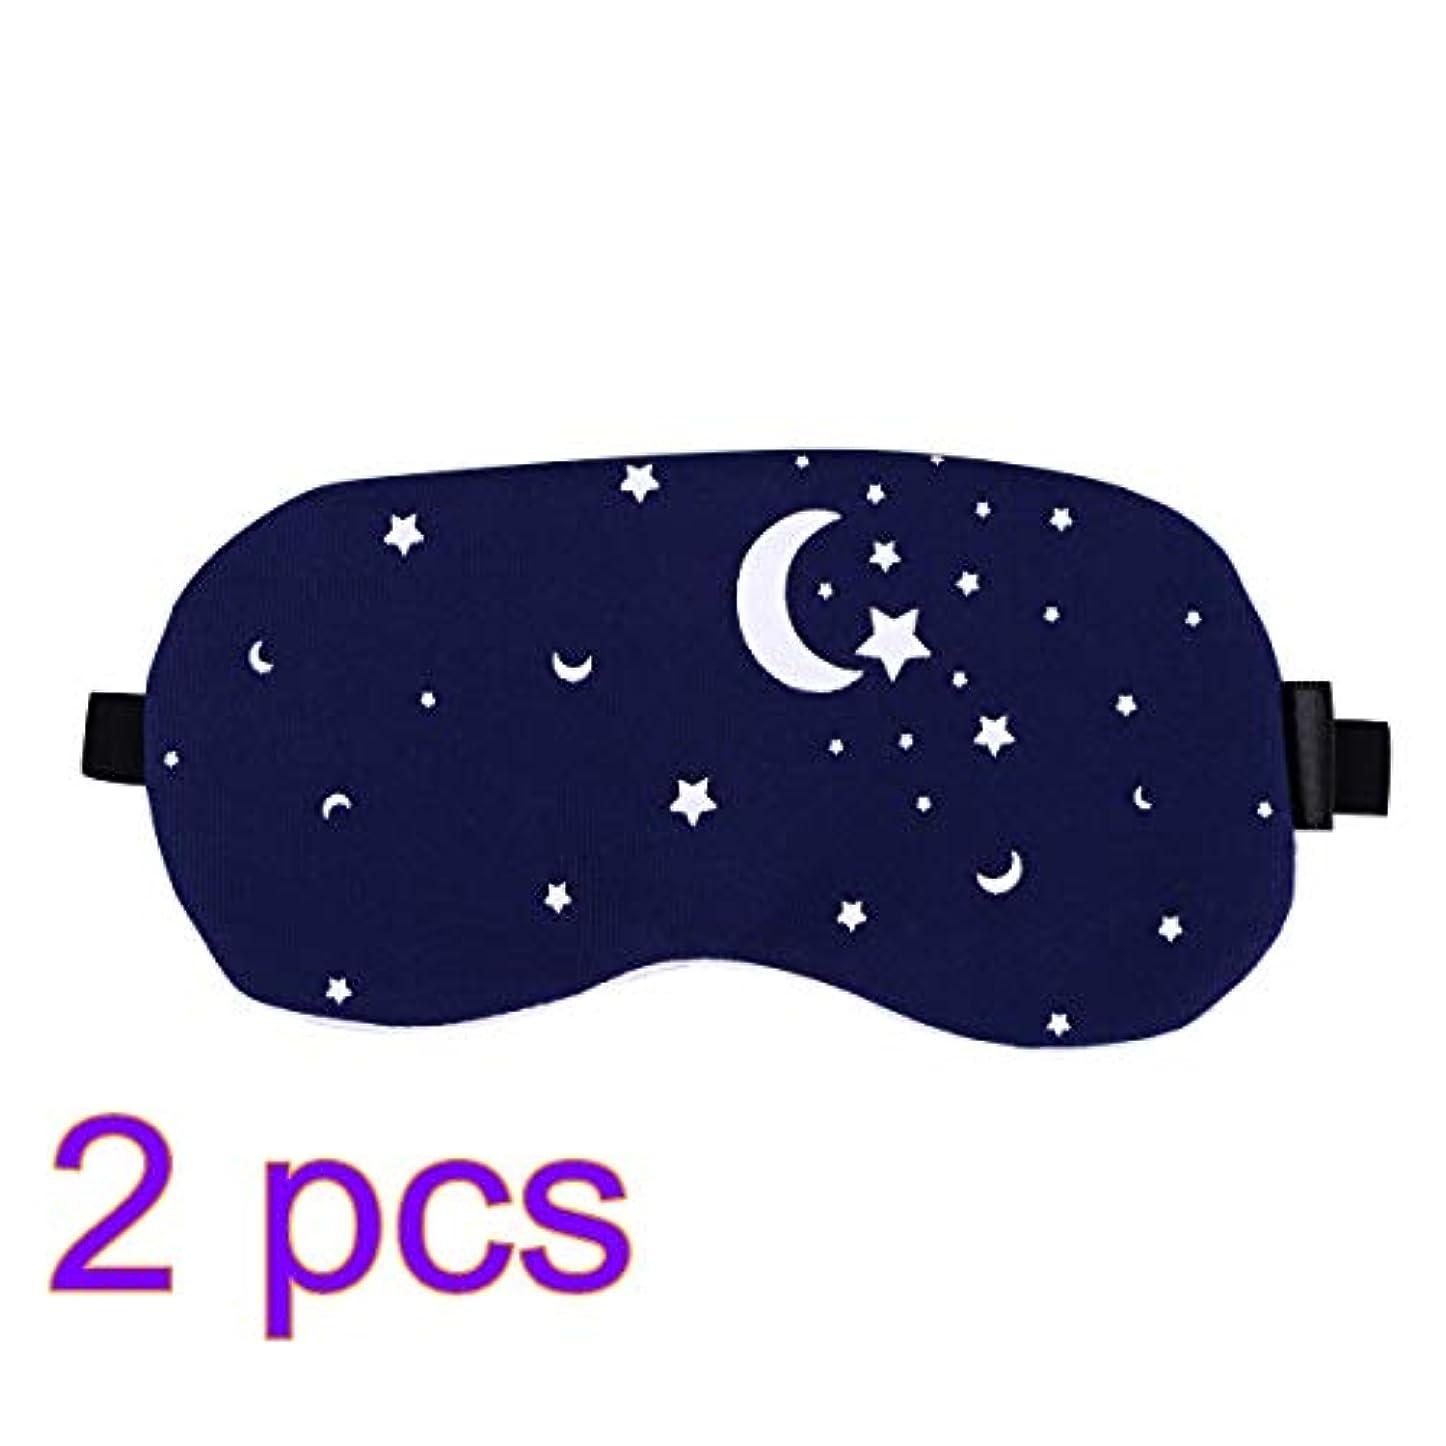 きちんとした前進練るHealifty コットンとリネンアイスリーピングマスクブラインドパッチアジャストストラップコールド/ホットジェルストレス緩和用女性のためのふくらんでいる目の頭痛を解消2pcs(Starry Sky)